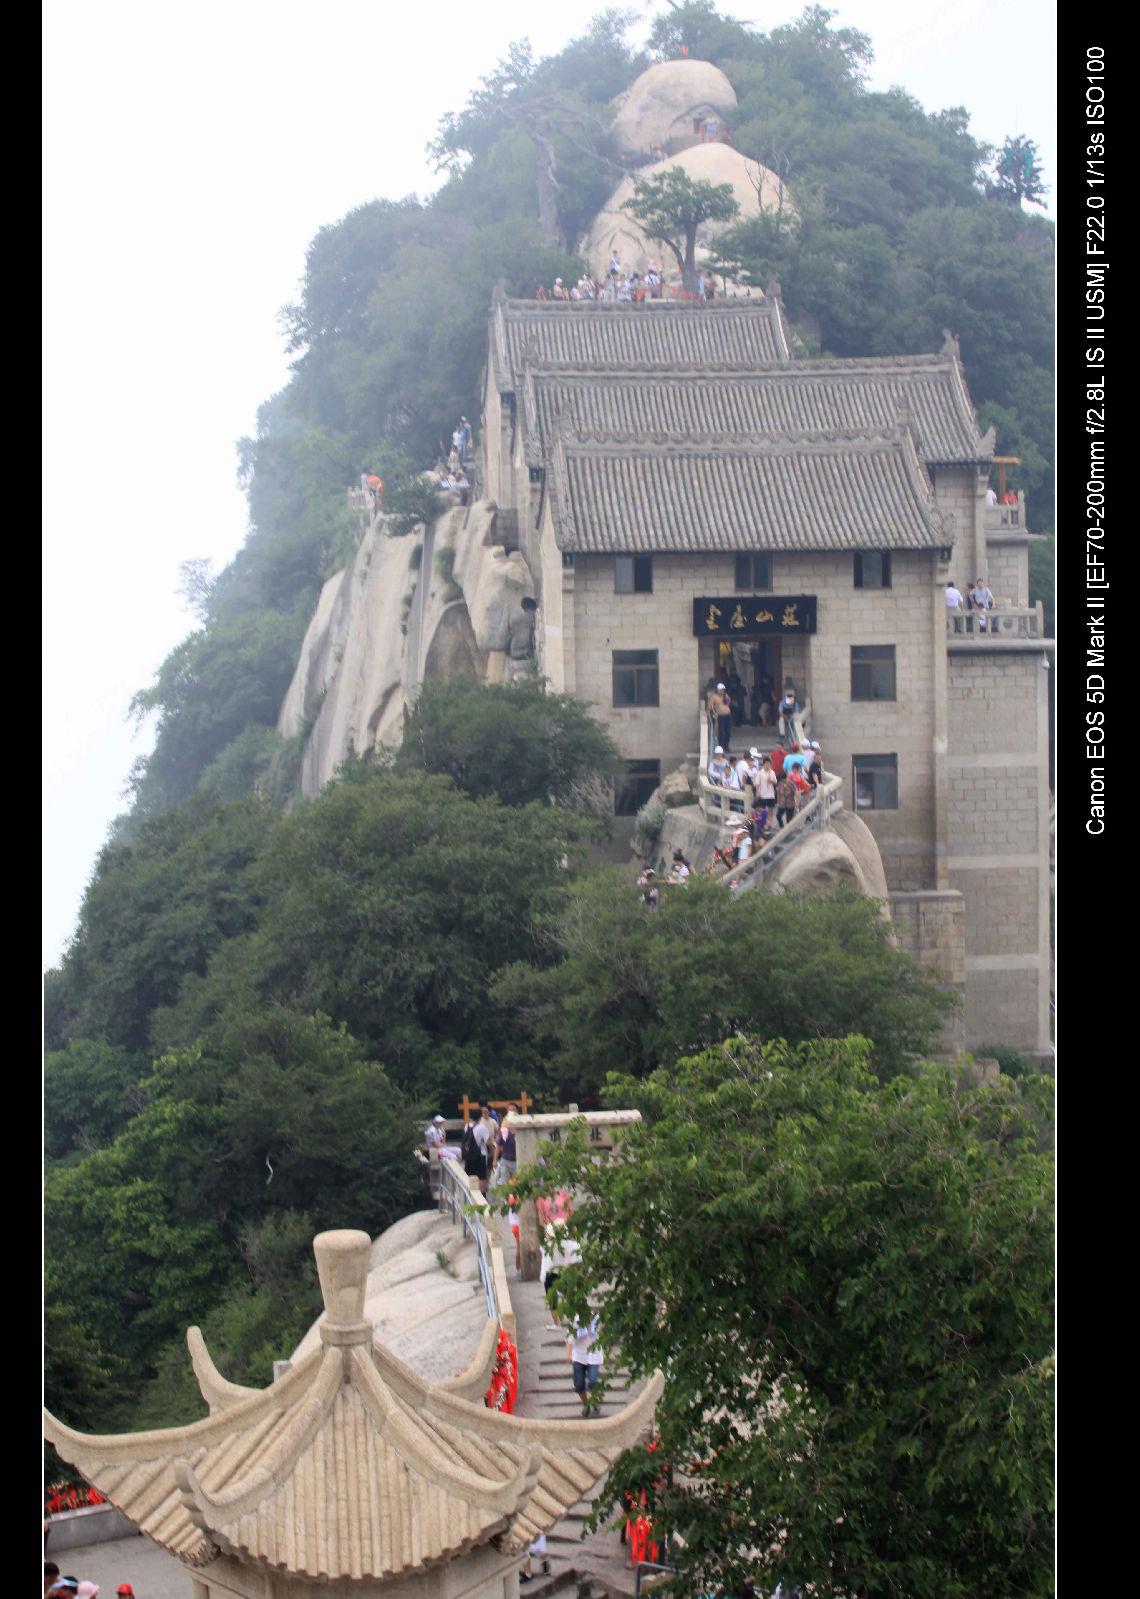 奔赴华山东峰、中峰 - 香梅 - 1255370821 的博客